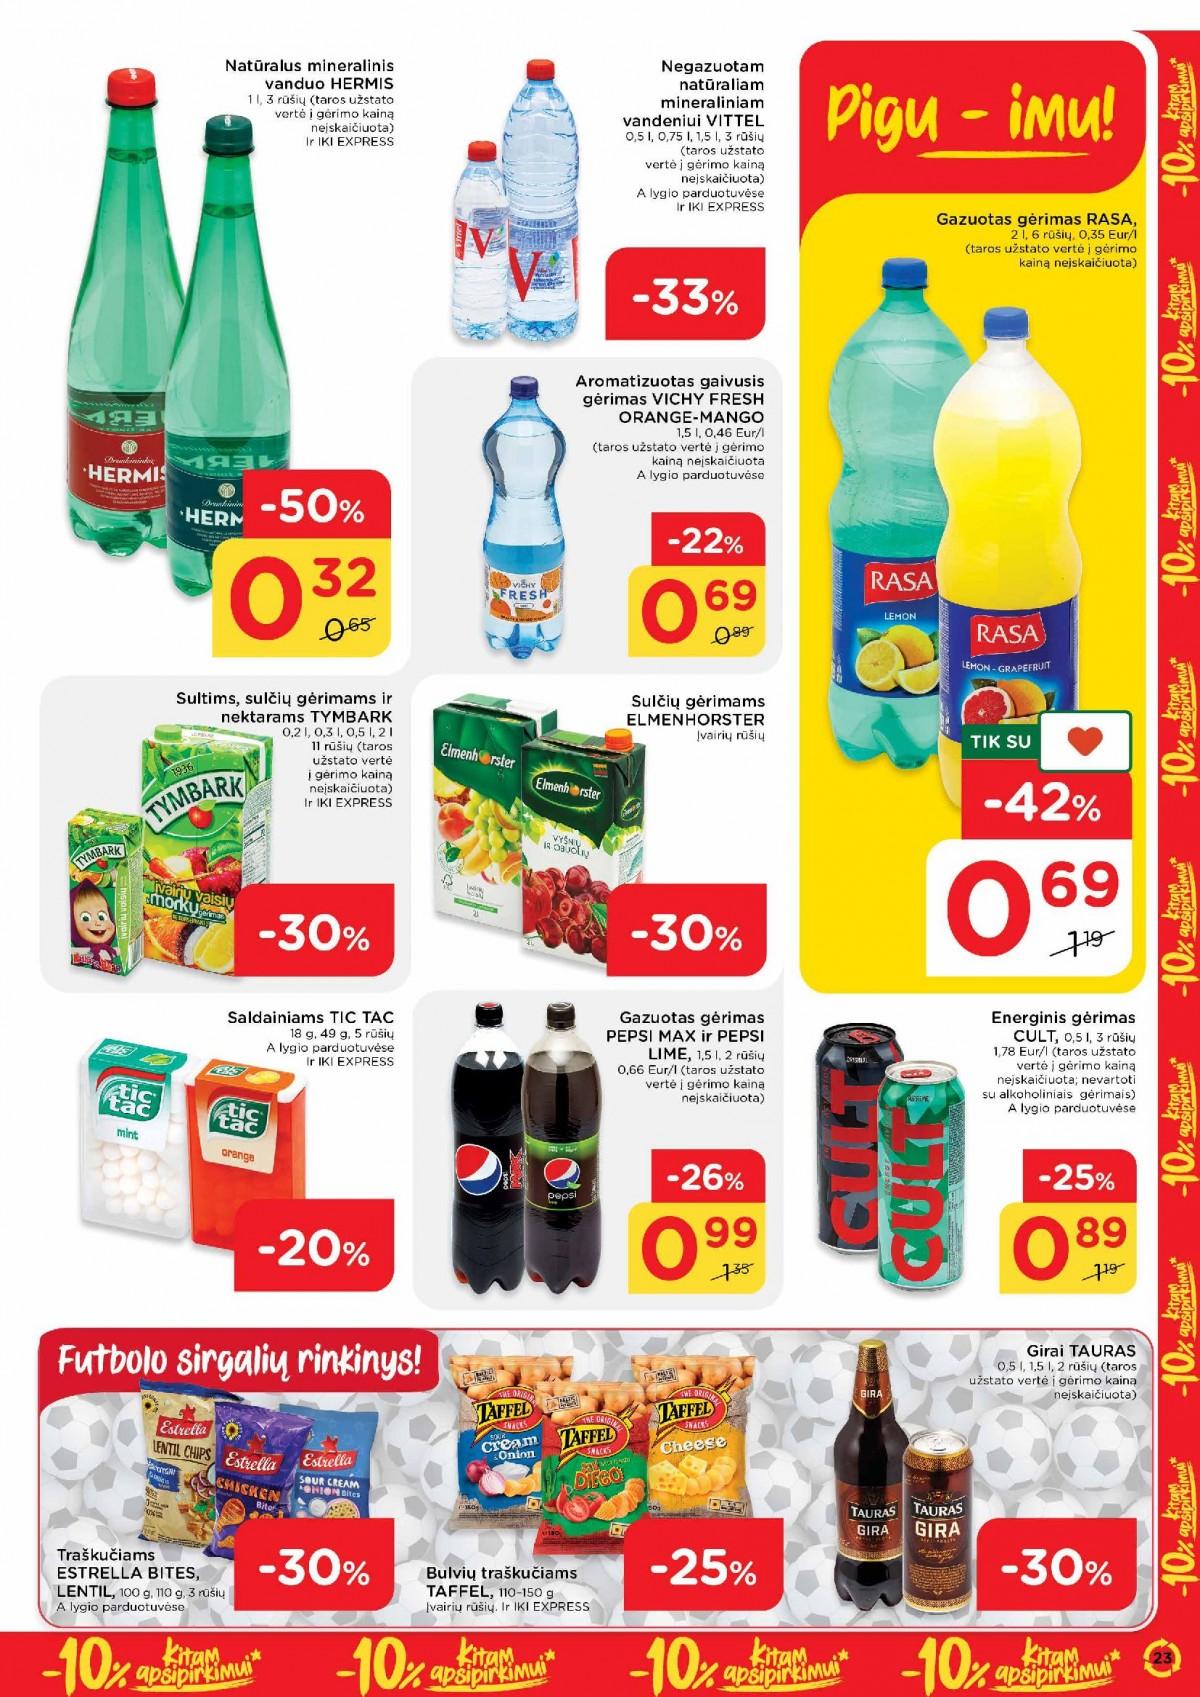 Pasiimkite 10% kitam apsipirkimui! Nr. 23 page 23